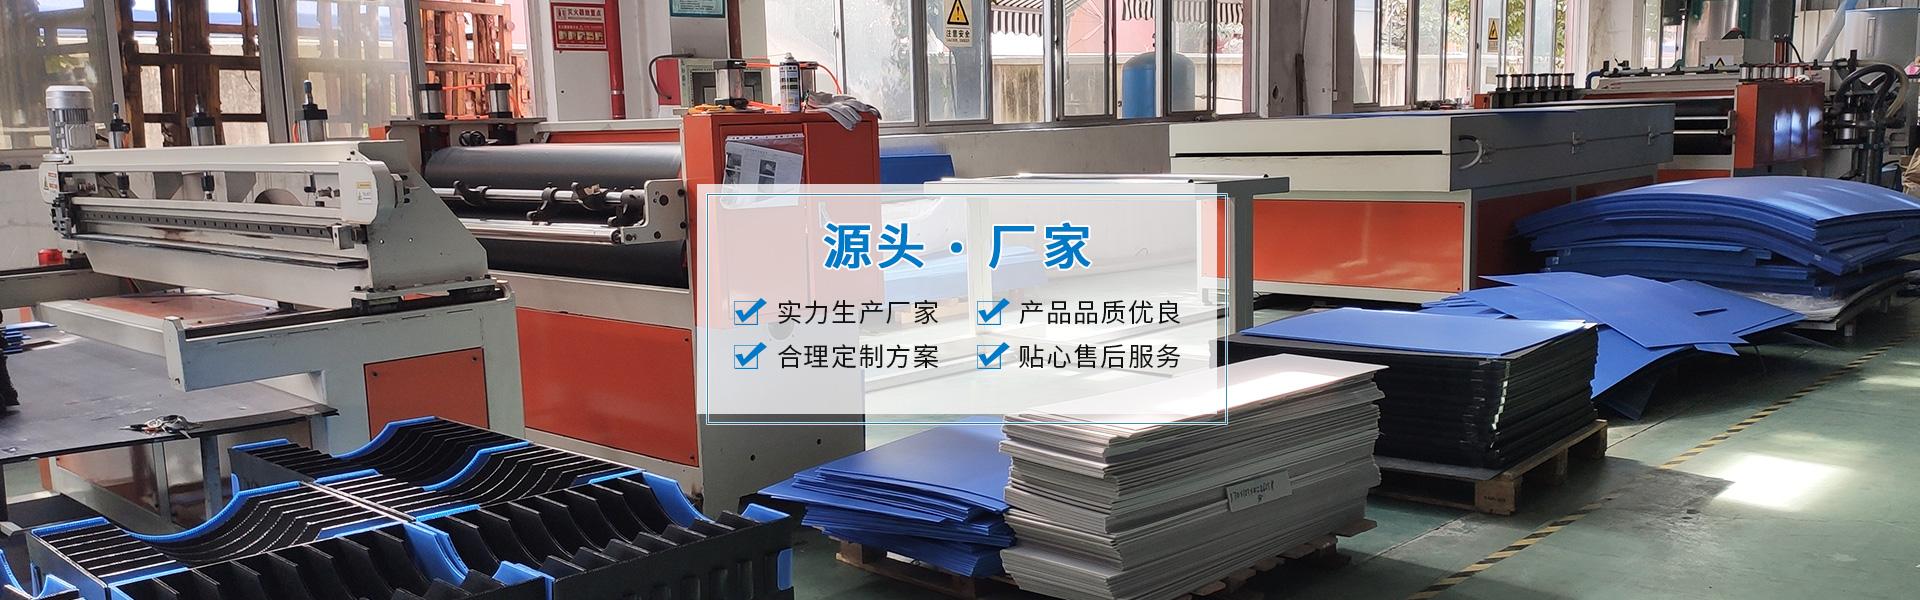 苏州庆杰包装材料有限公司